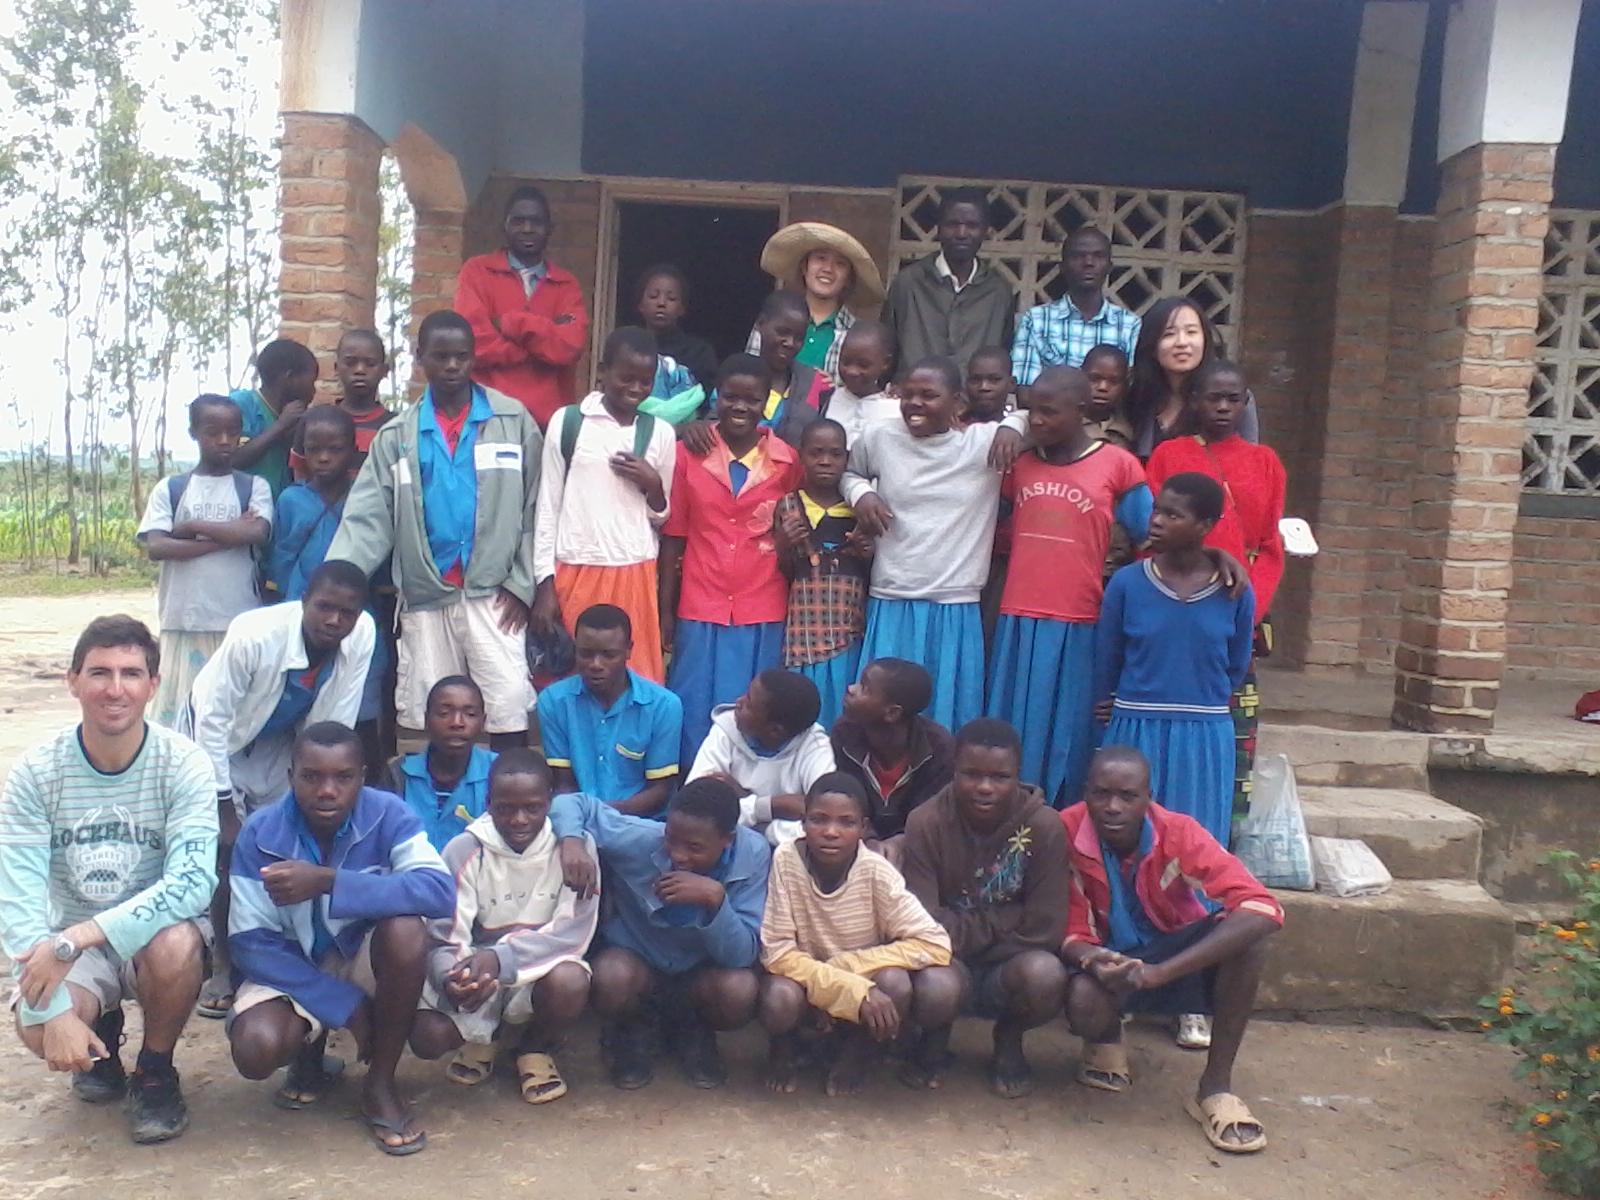 Com alunos, Malawi, África. Foto: arquivo pessoal.